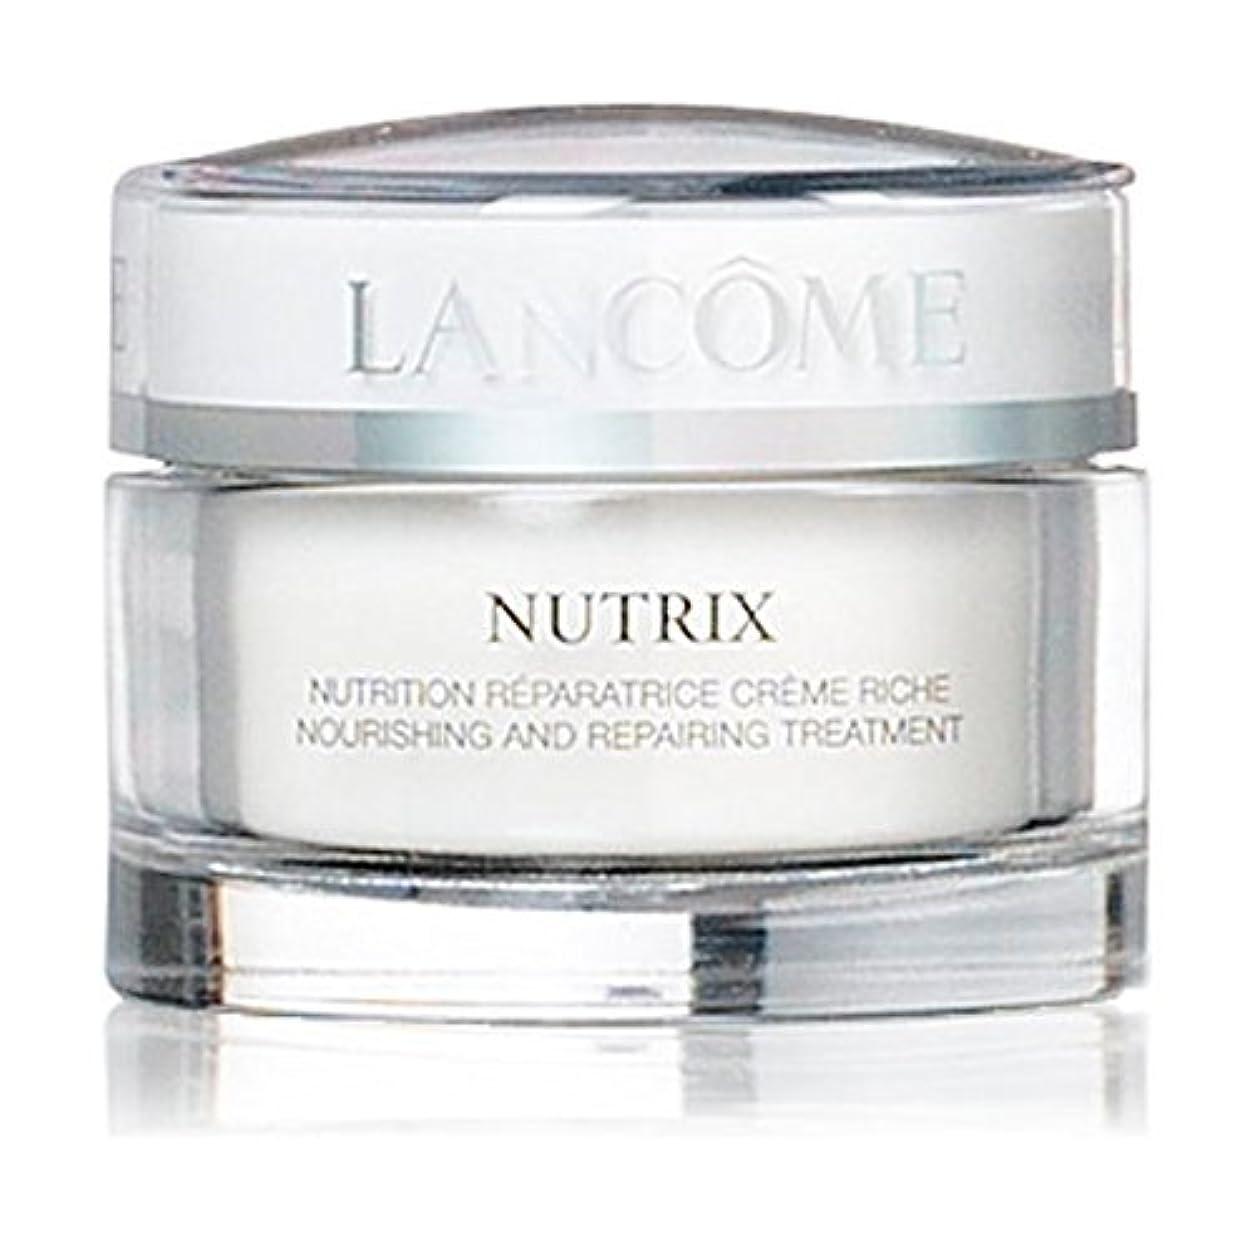 以前は所属狼ランコム Nutrix Nourishing And Repairing Treatment Rich Cream - For Very Dry, Sensitive Or Irritated Skin 50ml/1.7oz...